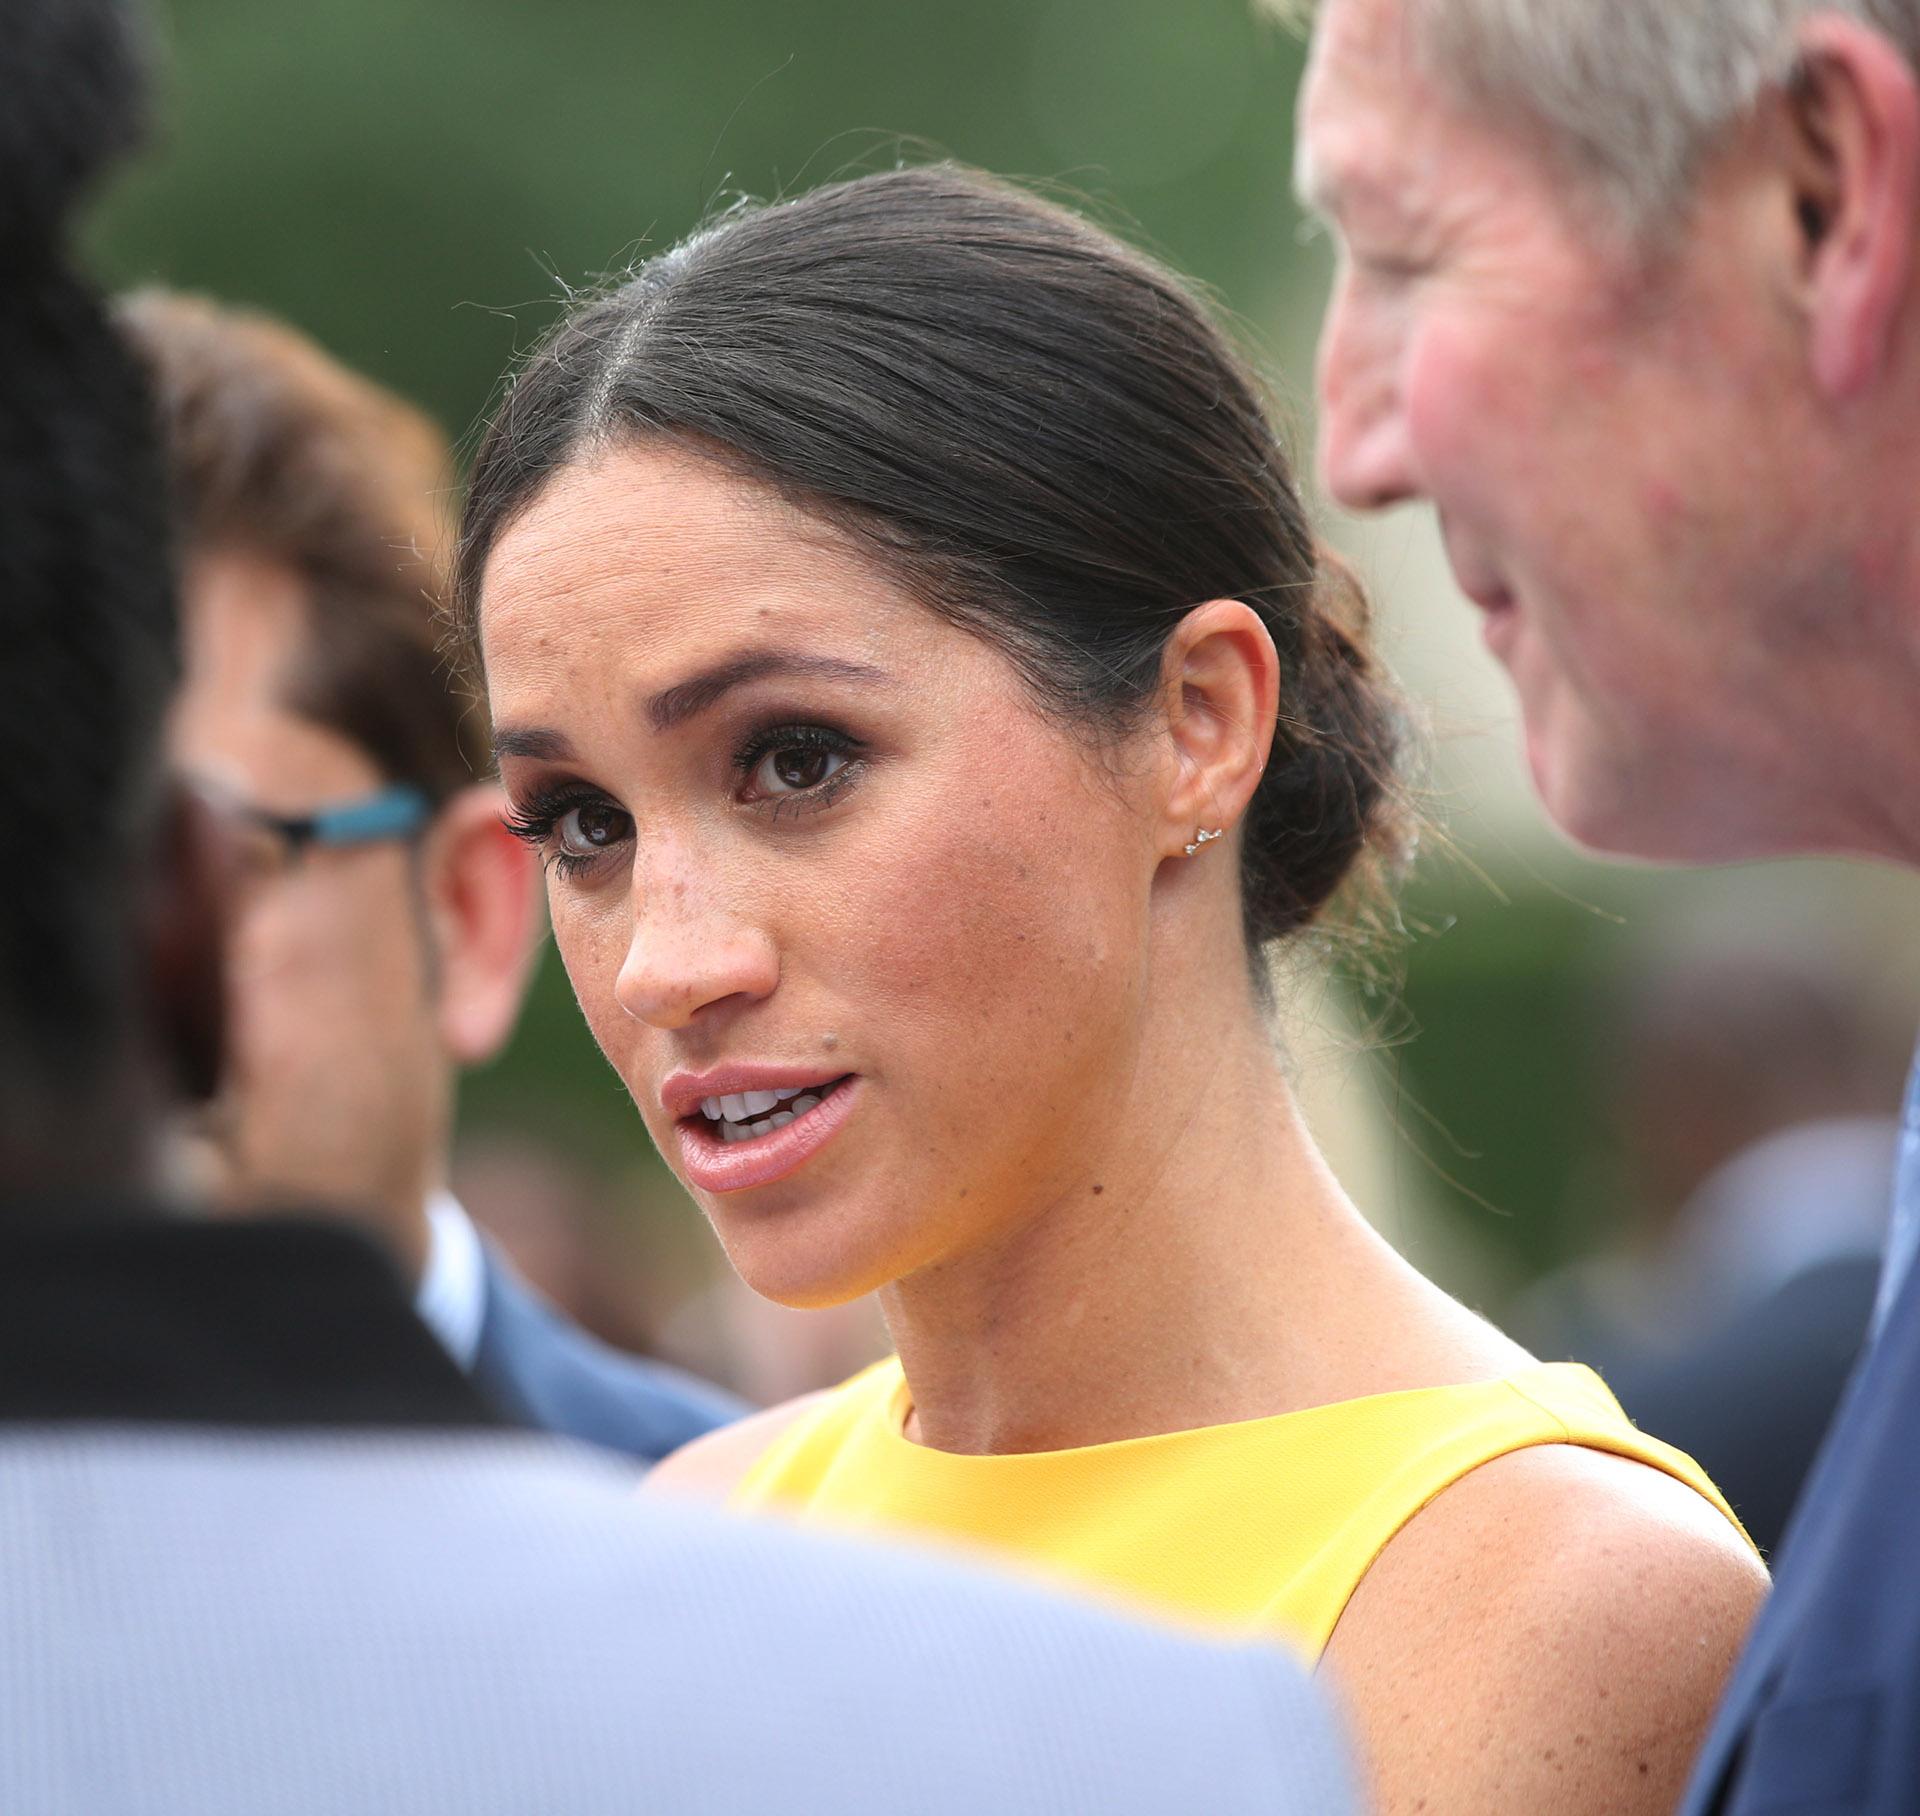 La duquesa eligió un maquillaje muy sencillo al igual que sus alhajas: apenas un diminuto par de aros